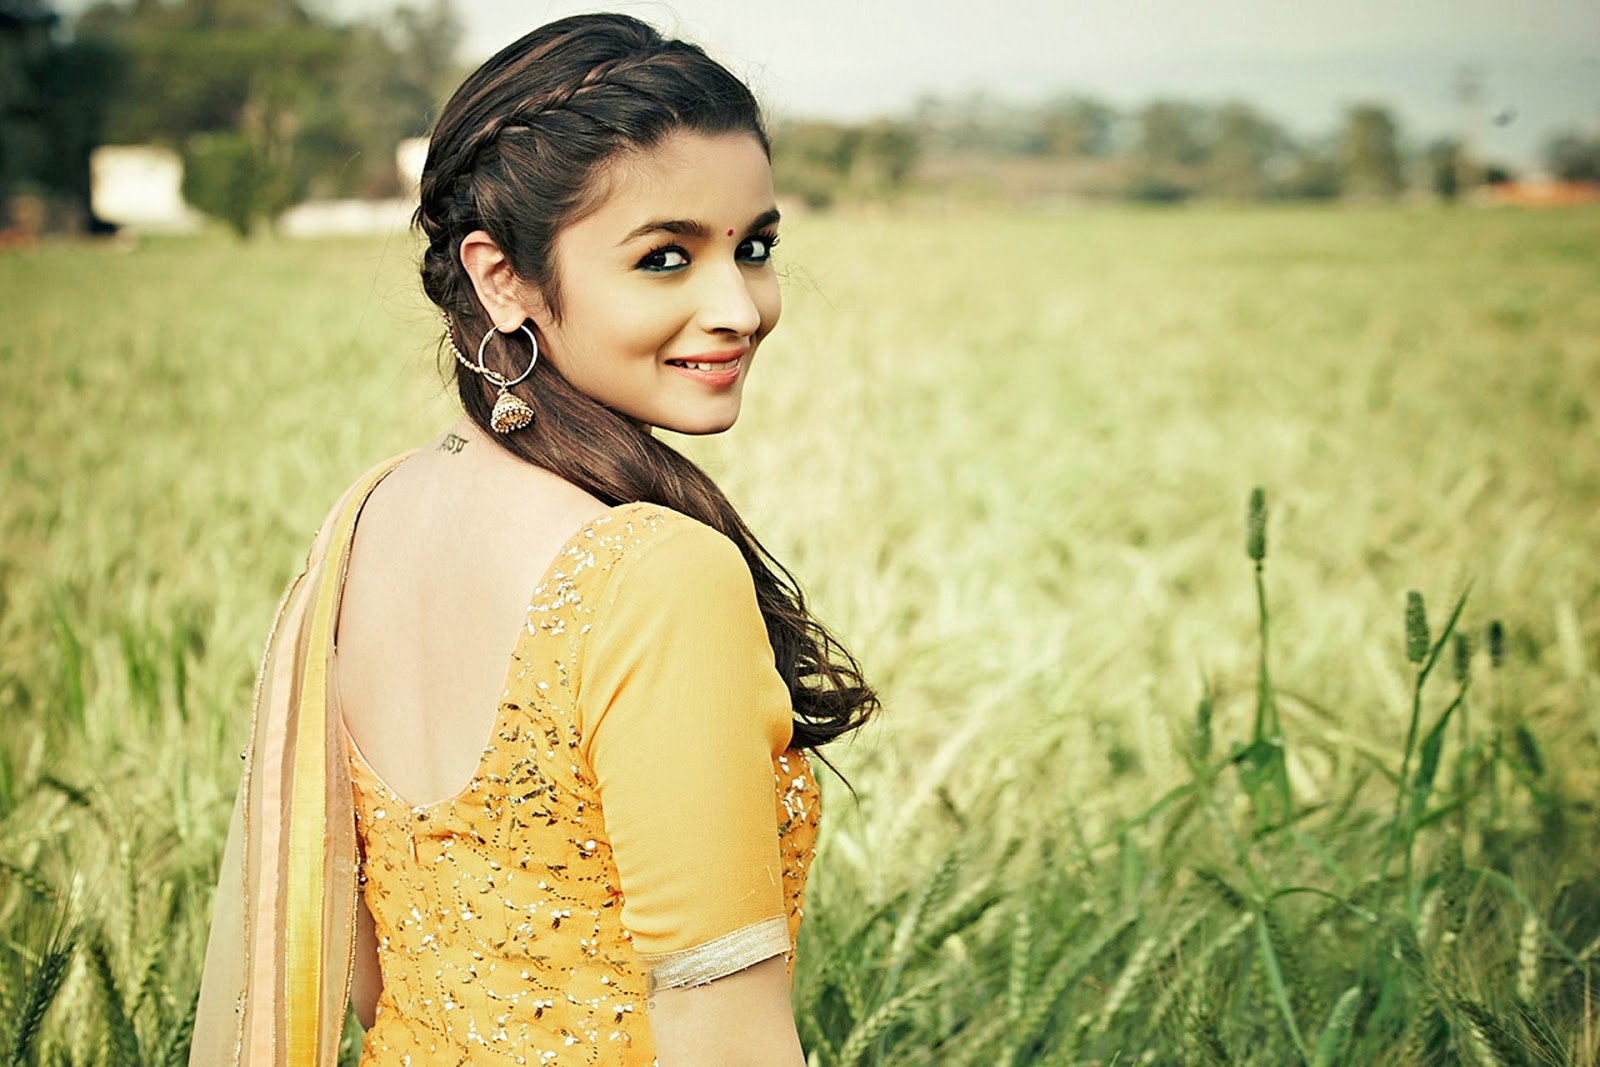 Top 50 Indian Desi Girls Hd Wallpaper Photos Images -6872